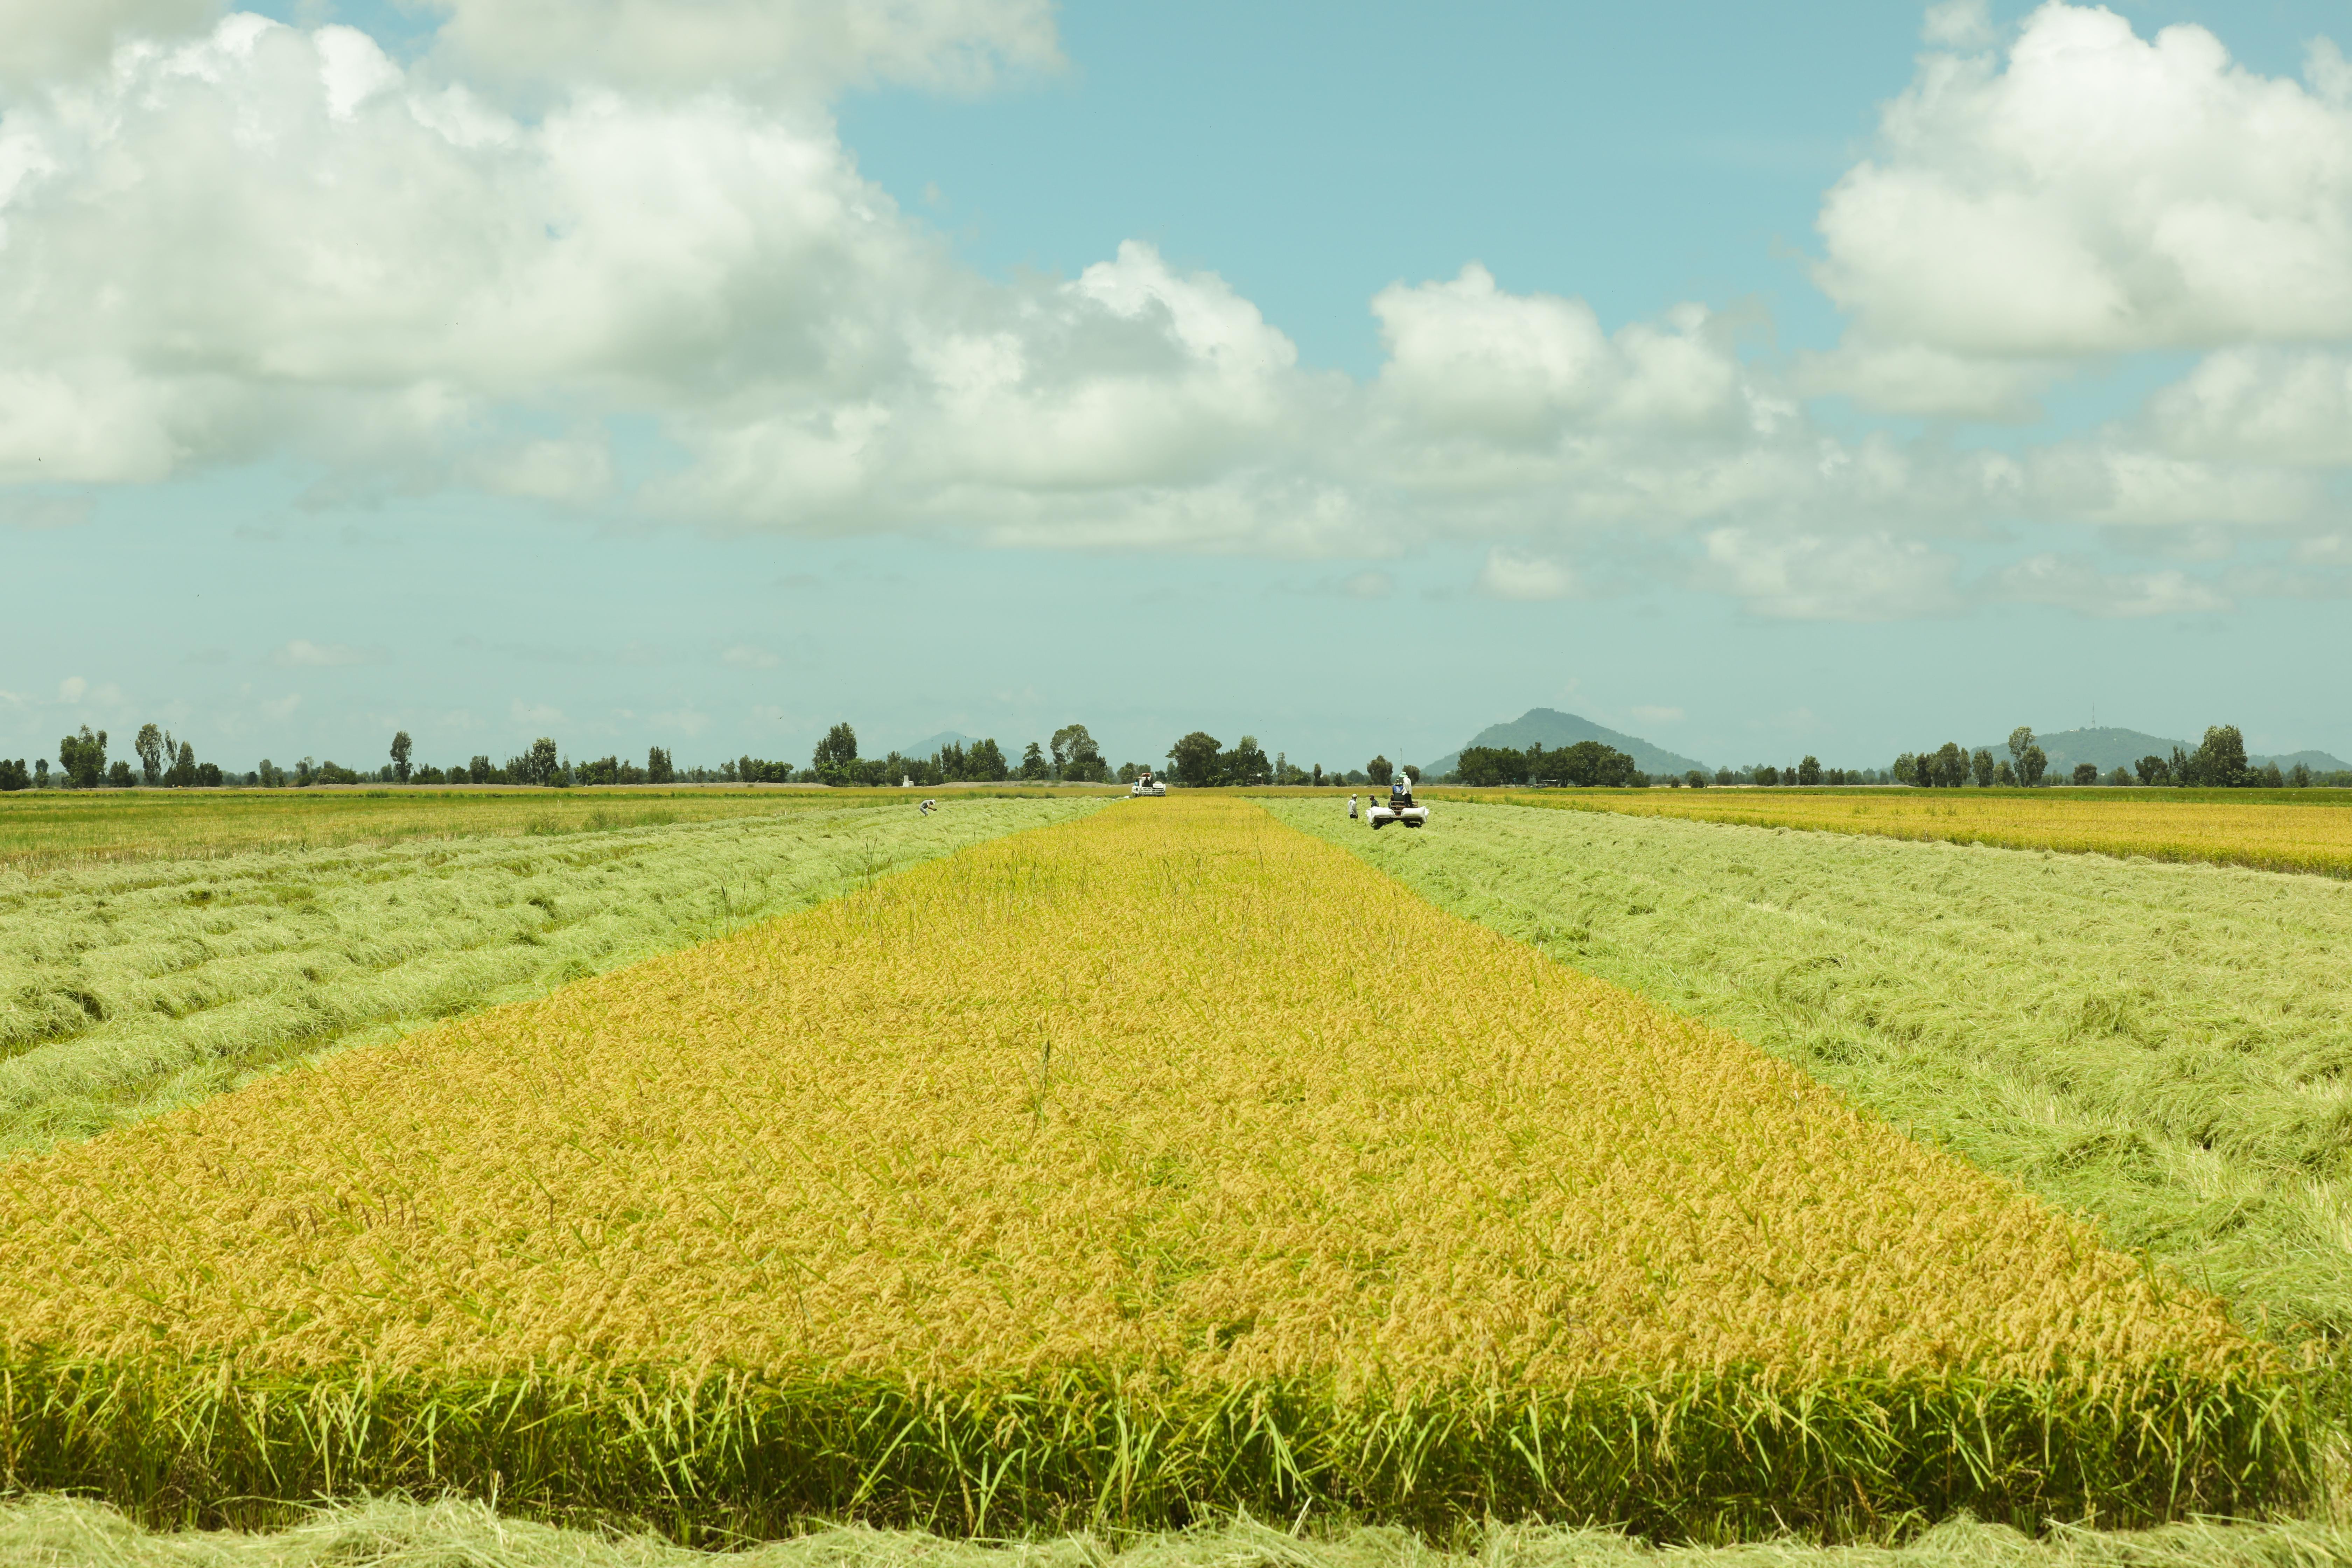 Tập đoàn Tân Long hiện bao tiêu sản phẩm với nông dân tại các tỉnh miền Tây của Việt Nam.